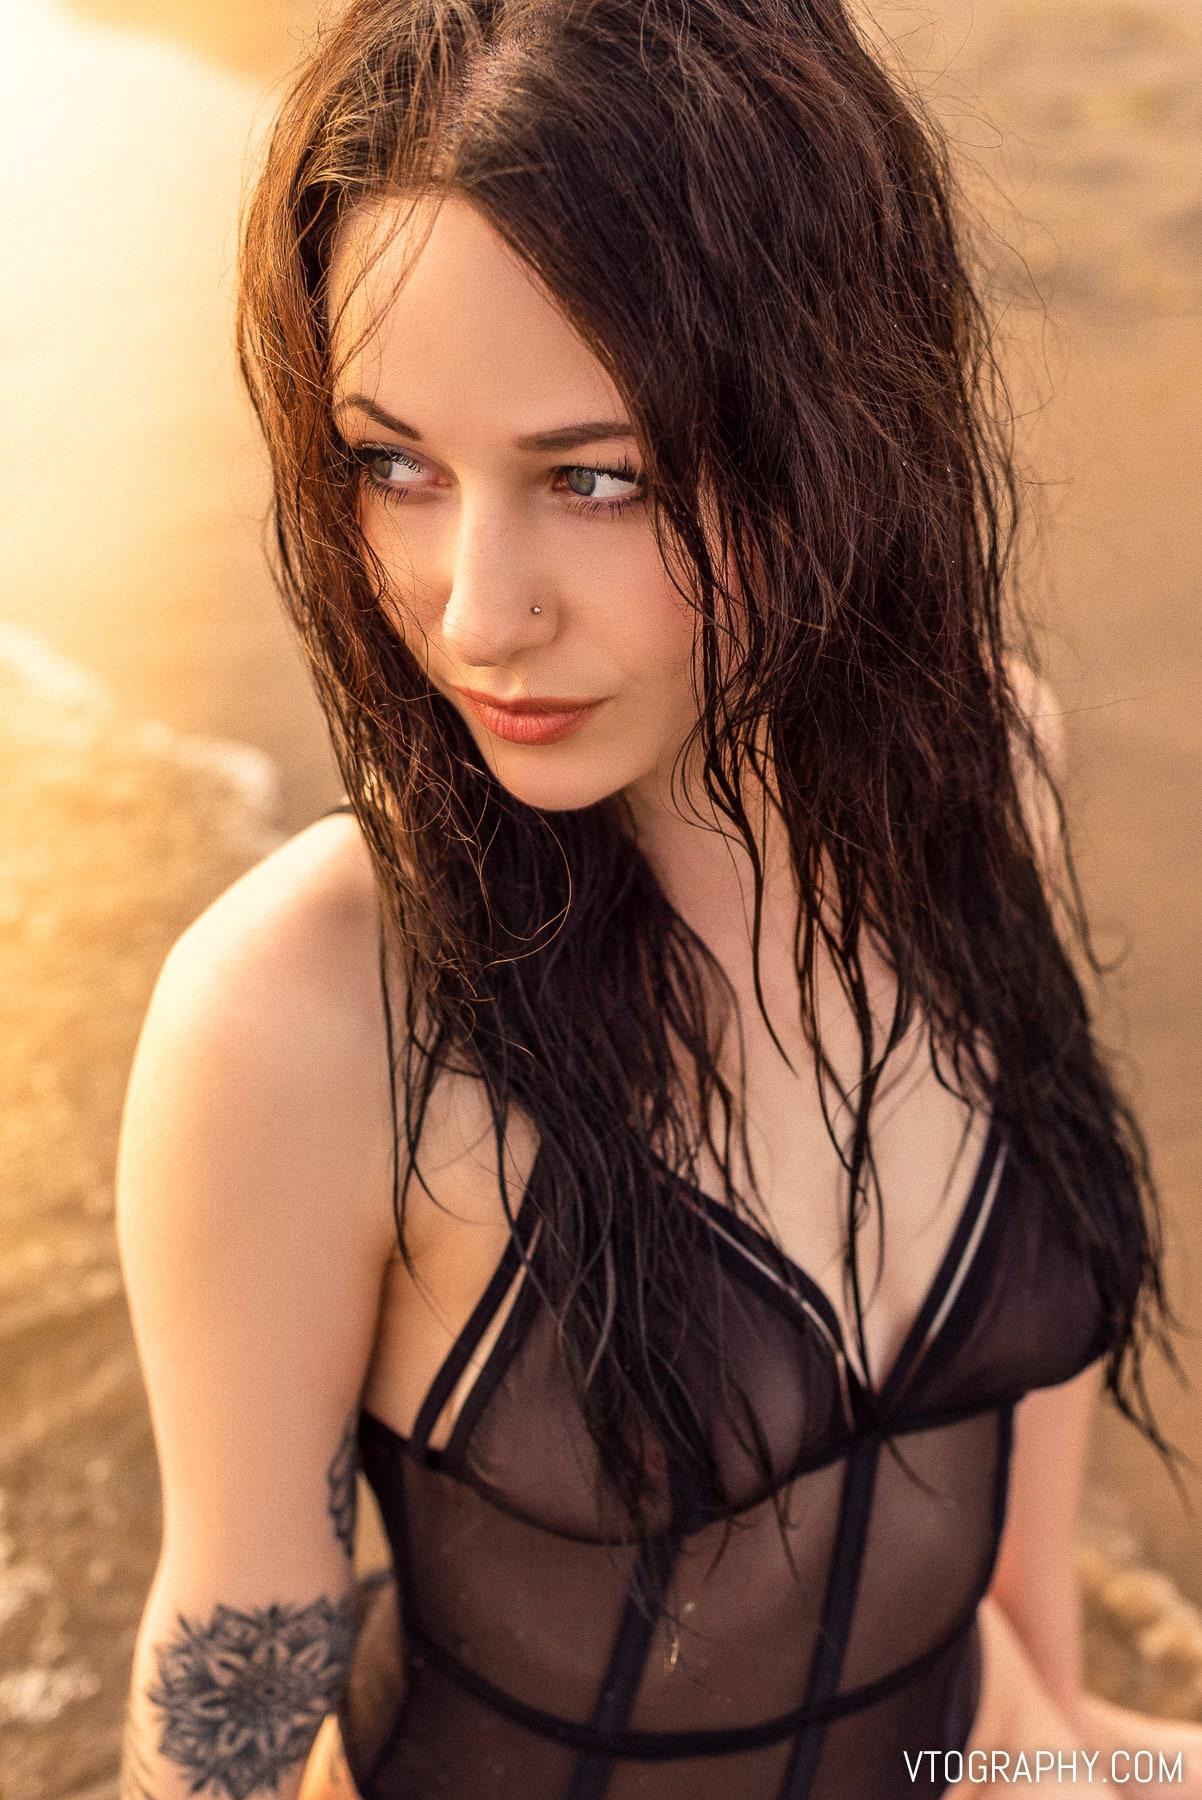 Model @chelsea.rrae